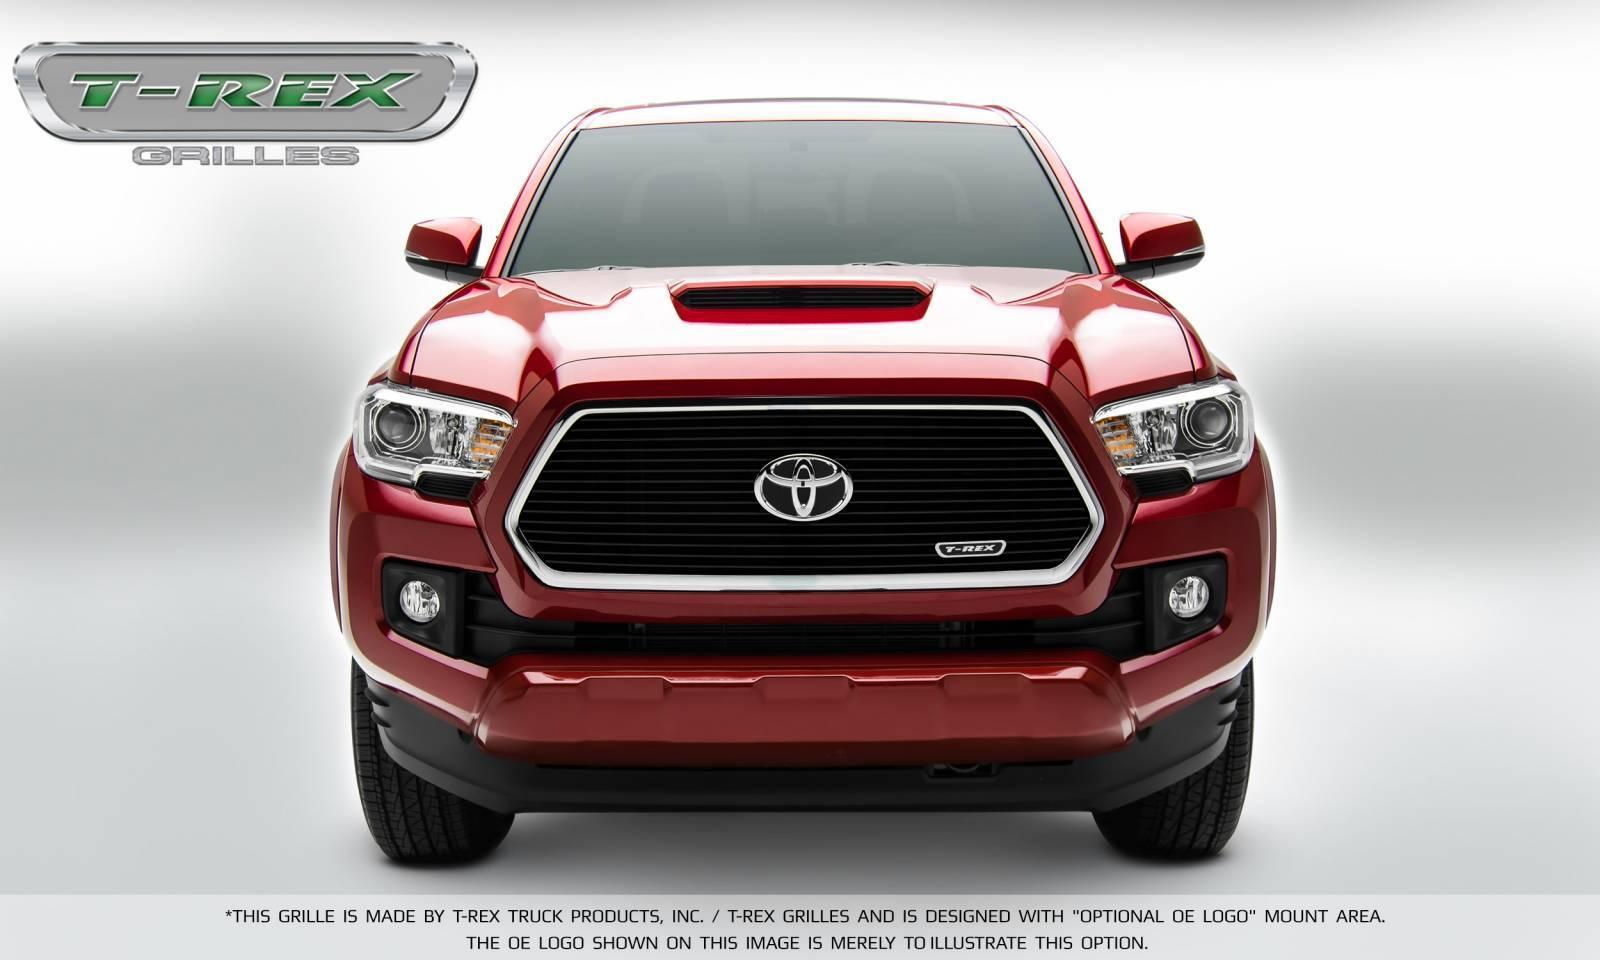 Toyota Tacoma Laser Billet Grille Insert - All Black - Pt # 6219411